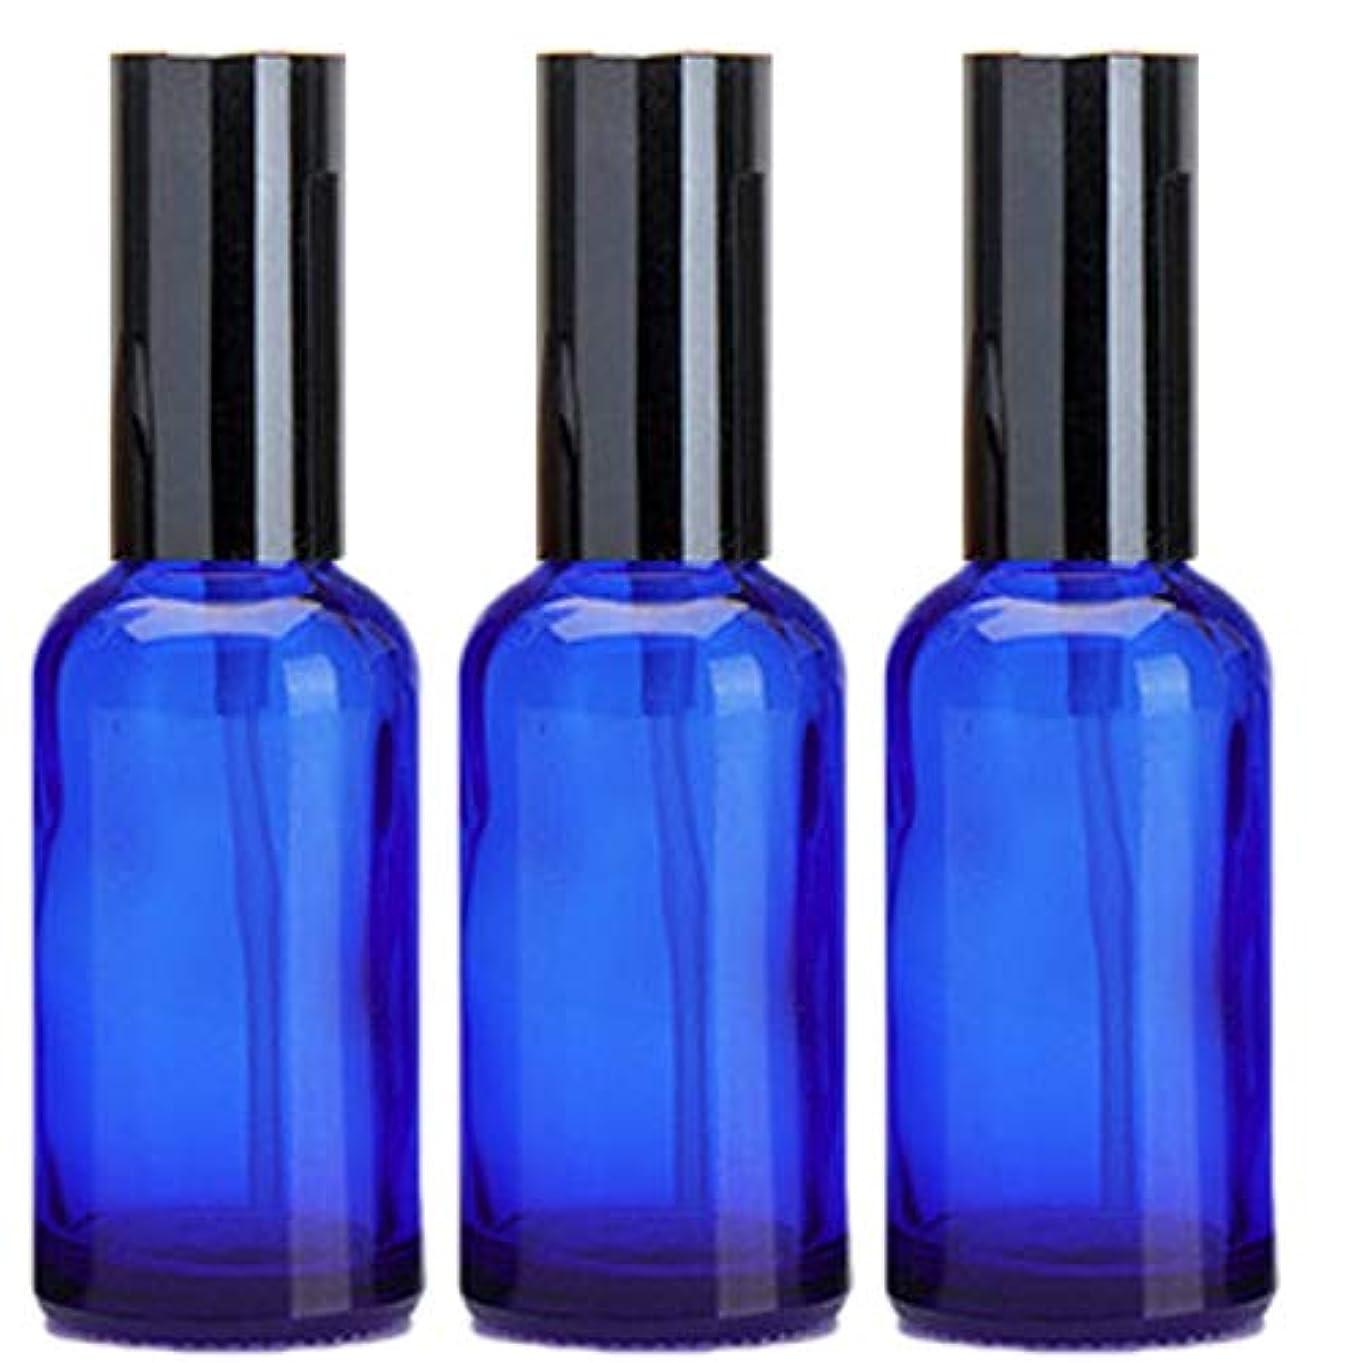 シルク優遇毒性乳液 ボトル 3本セット クリーム容器 アロマクリーム ハンドクリーム 遮光瓶 ガラス 瓶 アロマ ボトル ビン 保存 詰替え 青色 ブルー (30m?3本)